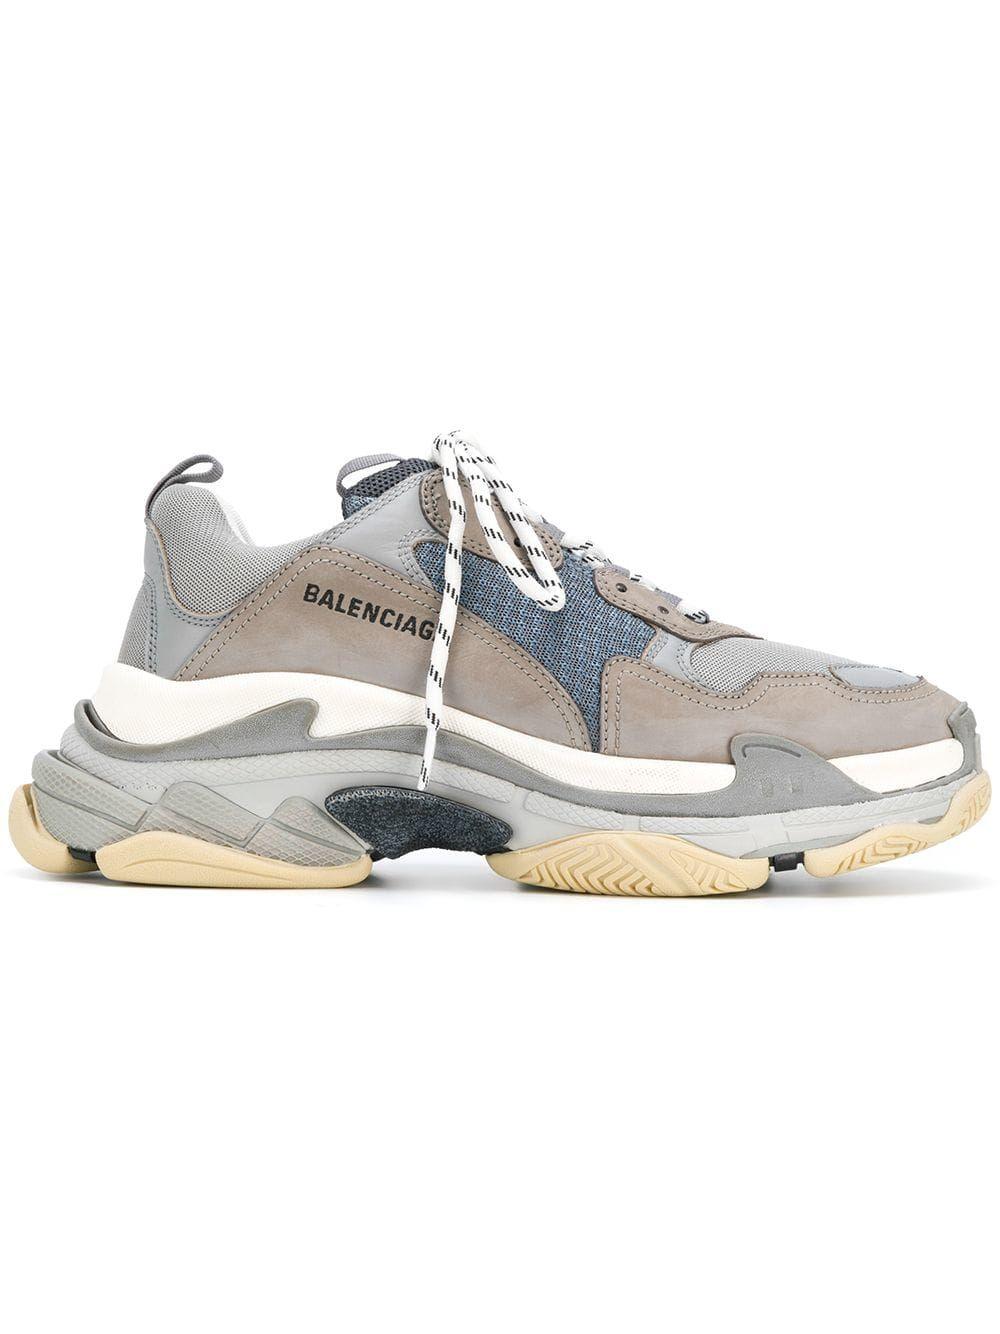 Sneakers, Balenciaga shoes